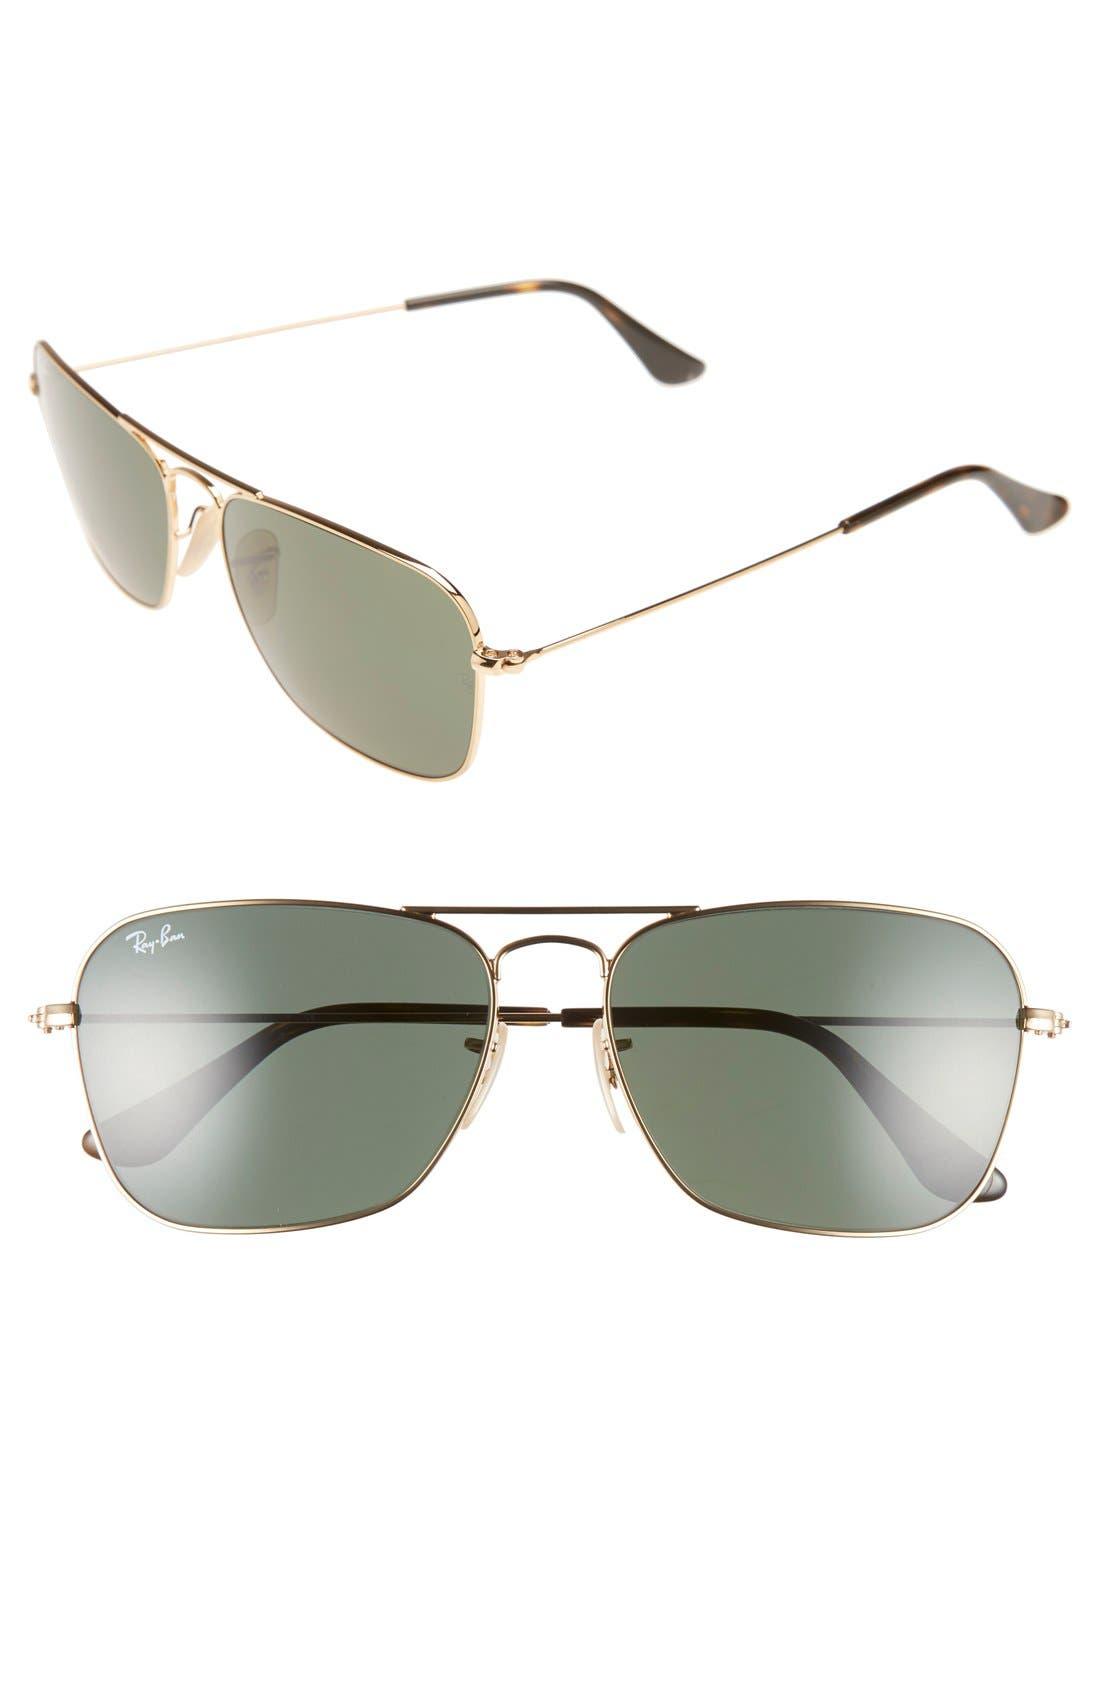 Caravan 58mm Aviator Sunglasses,                         Main,                         color, Gold/ Dark Green